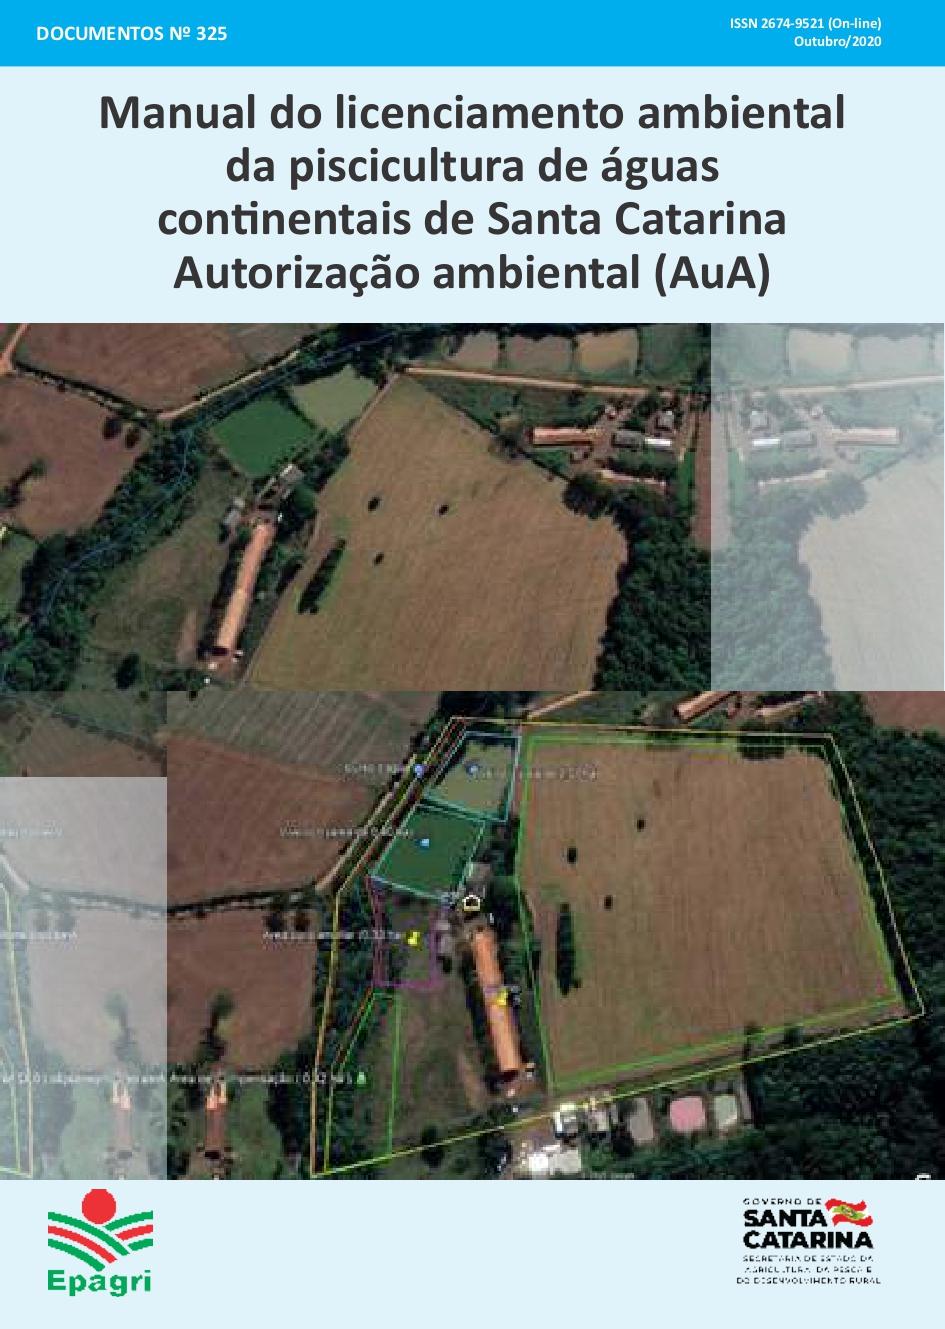 Visualizar n. 325 (2020): Manual do licenciamento ambiental da piscicultura de águas continentais de Santa Catarina Autorização ambiental (AuA)